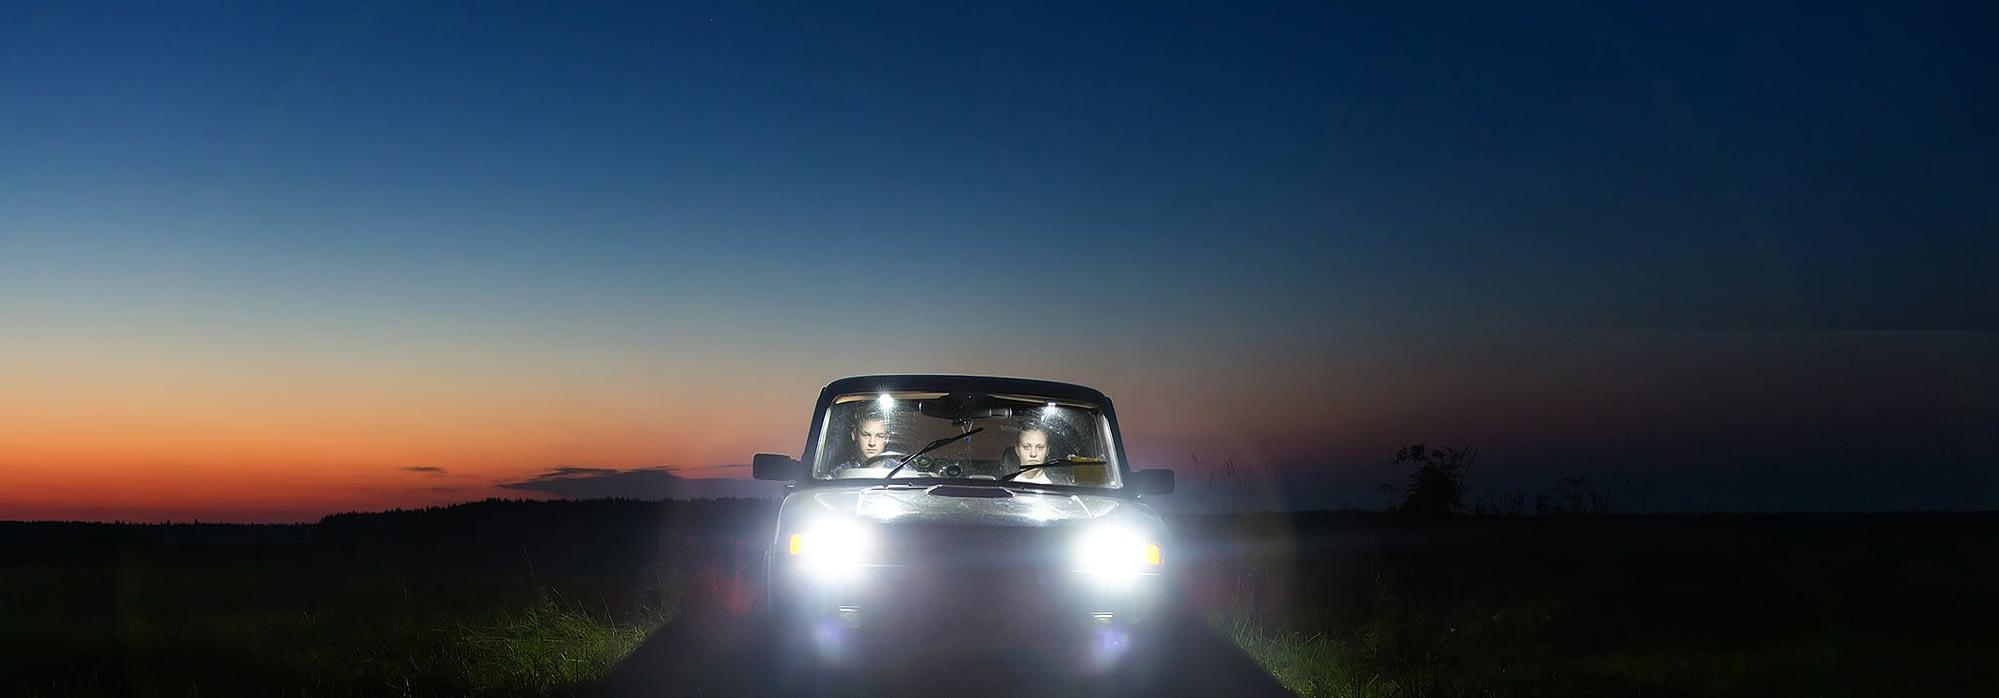 Obligatorisk mørkekjøring hos våre trafikkskoler Bærum